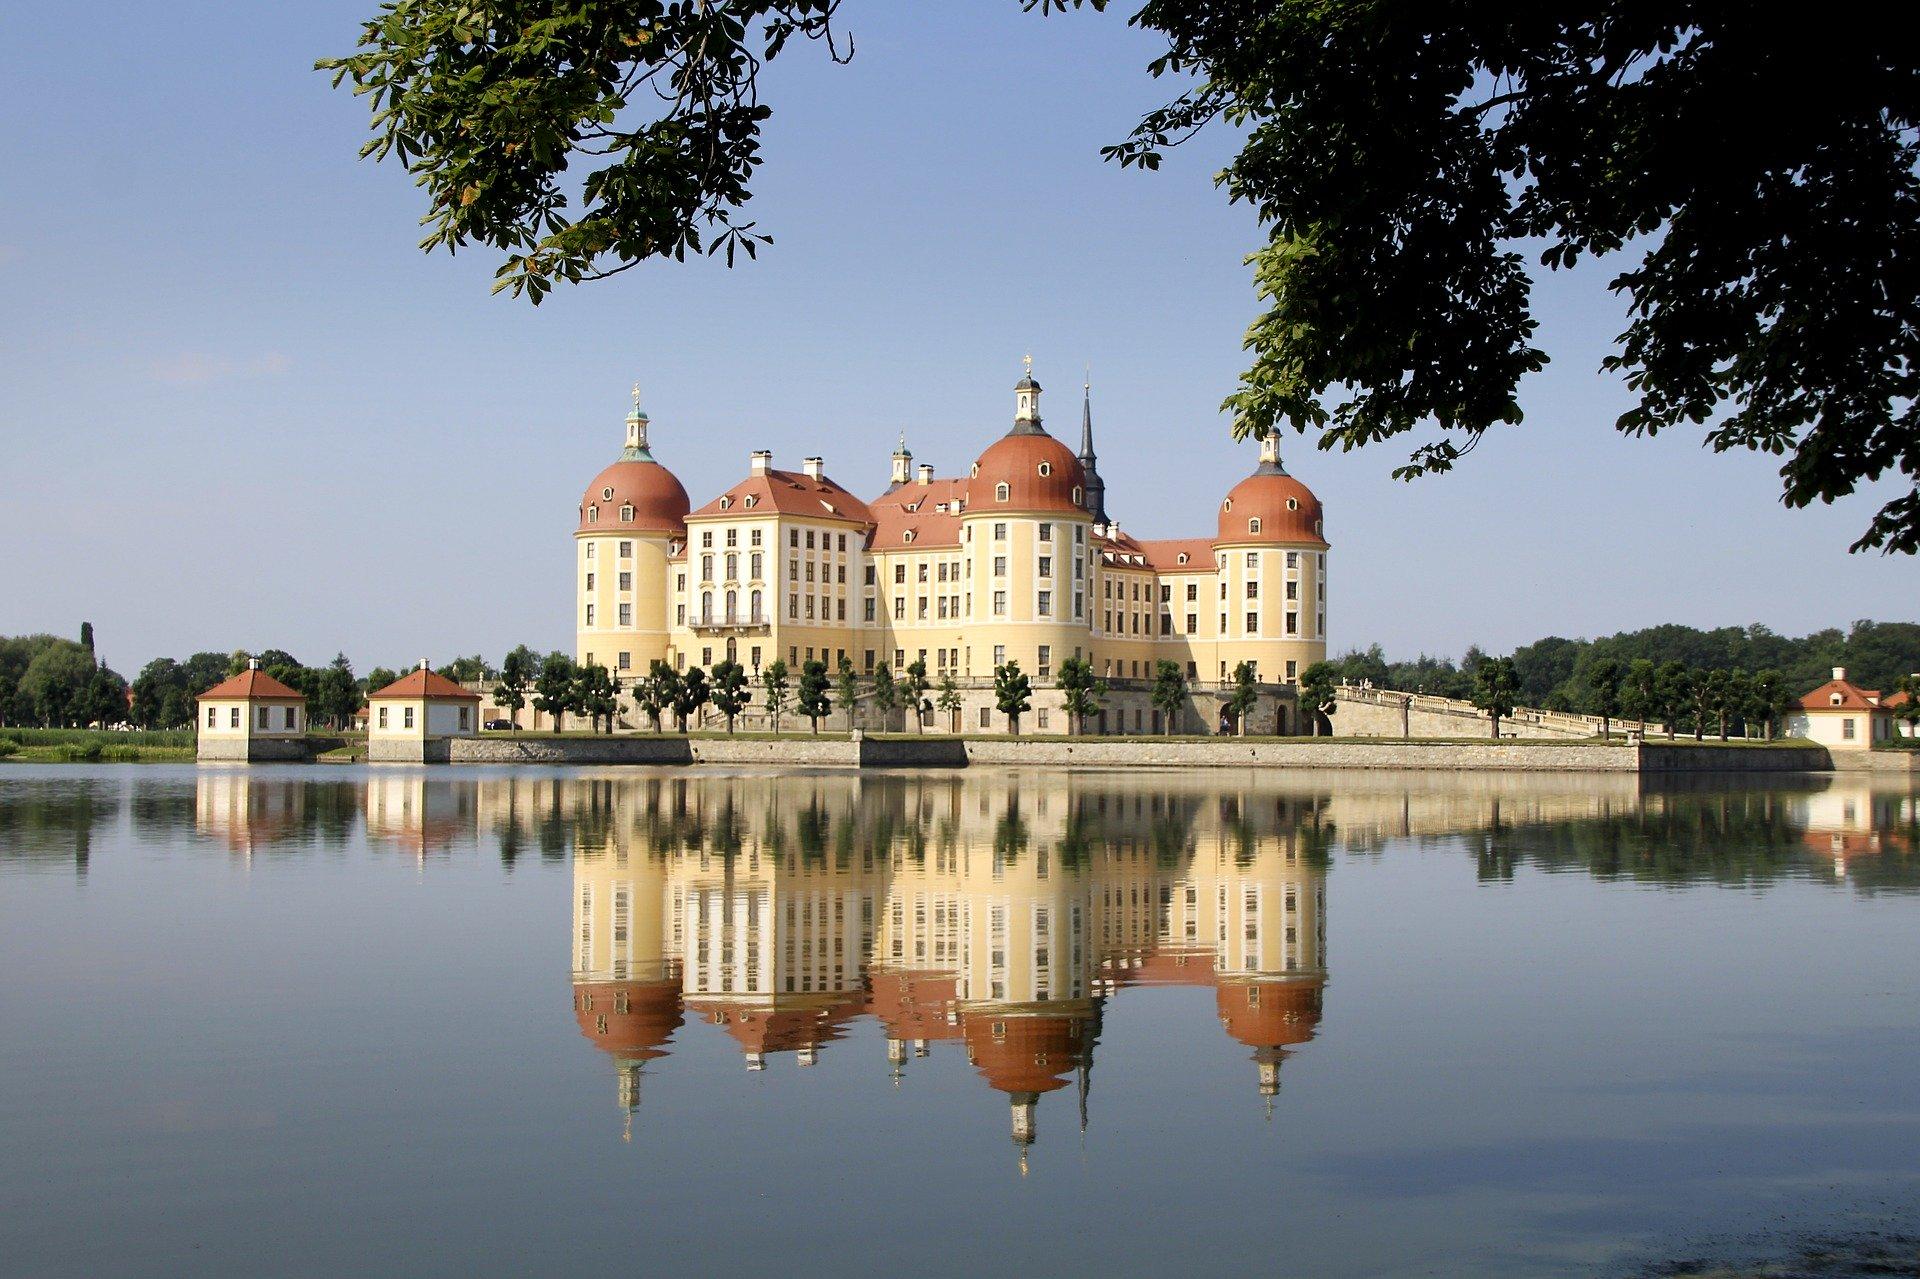 Moritzschloss In Dresden